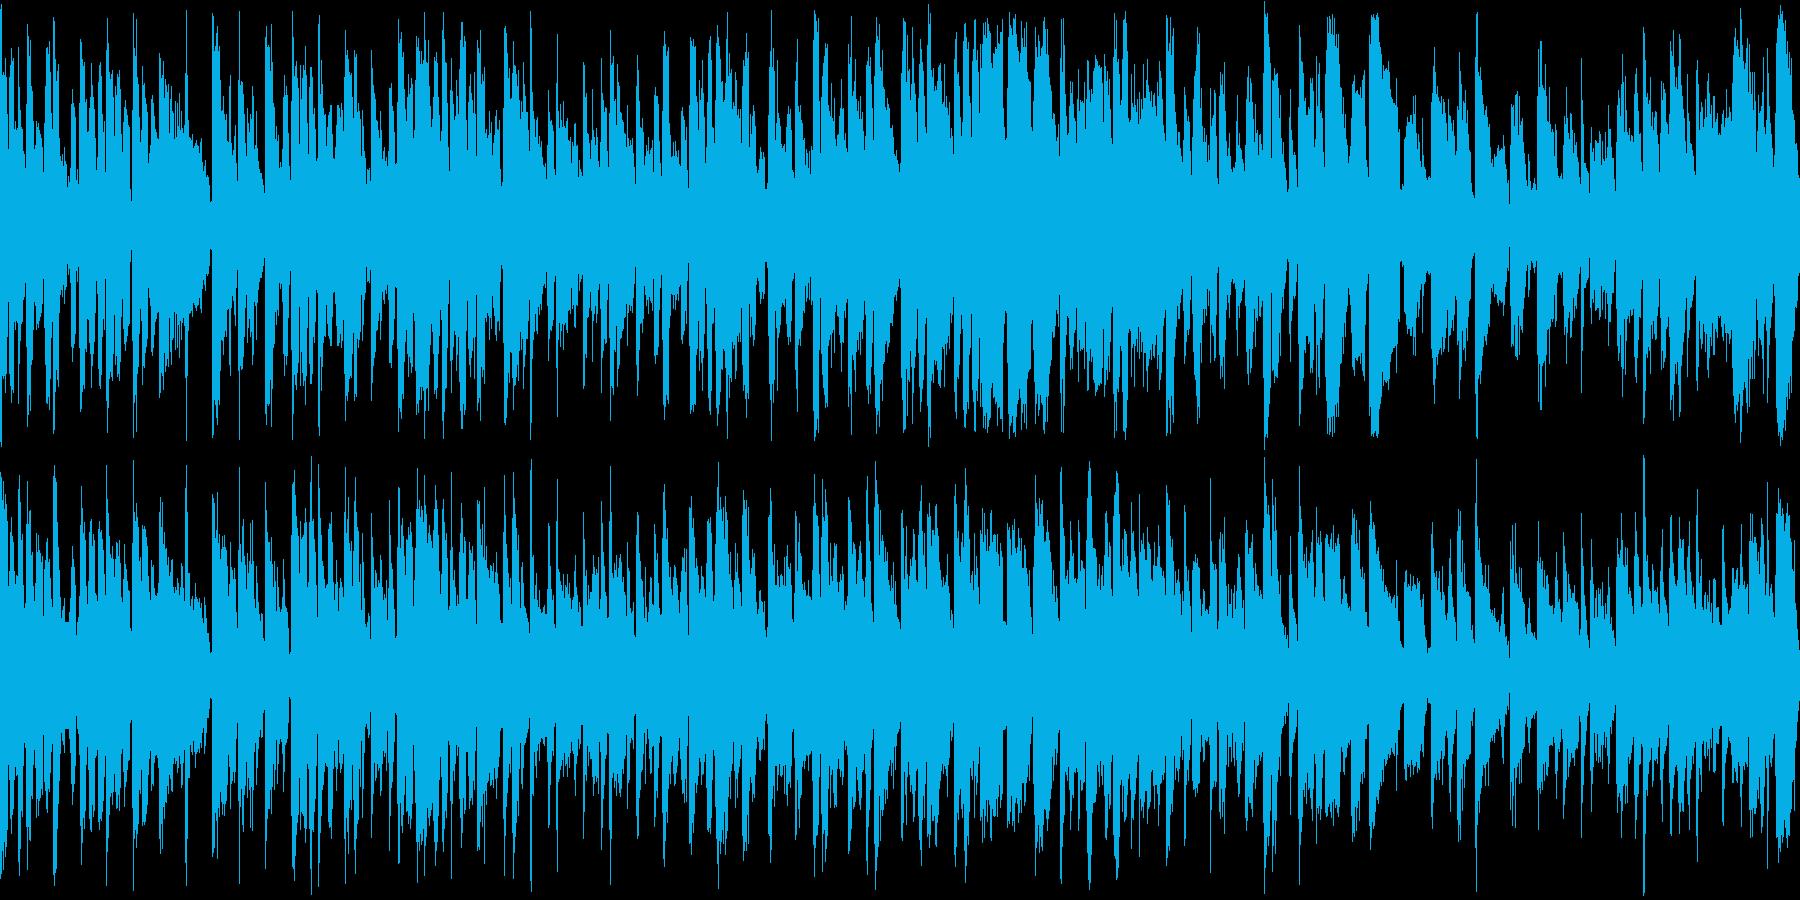 子供向け教材などにキャッチーな曲の再生済みの波形